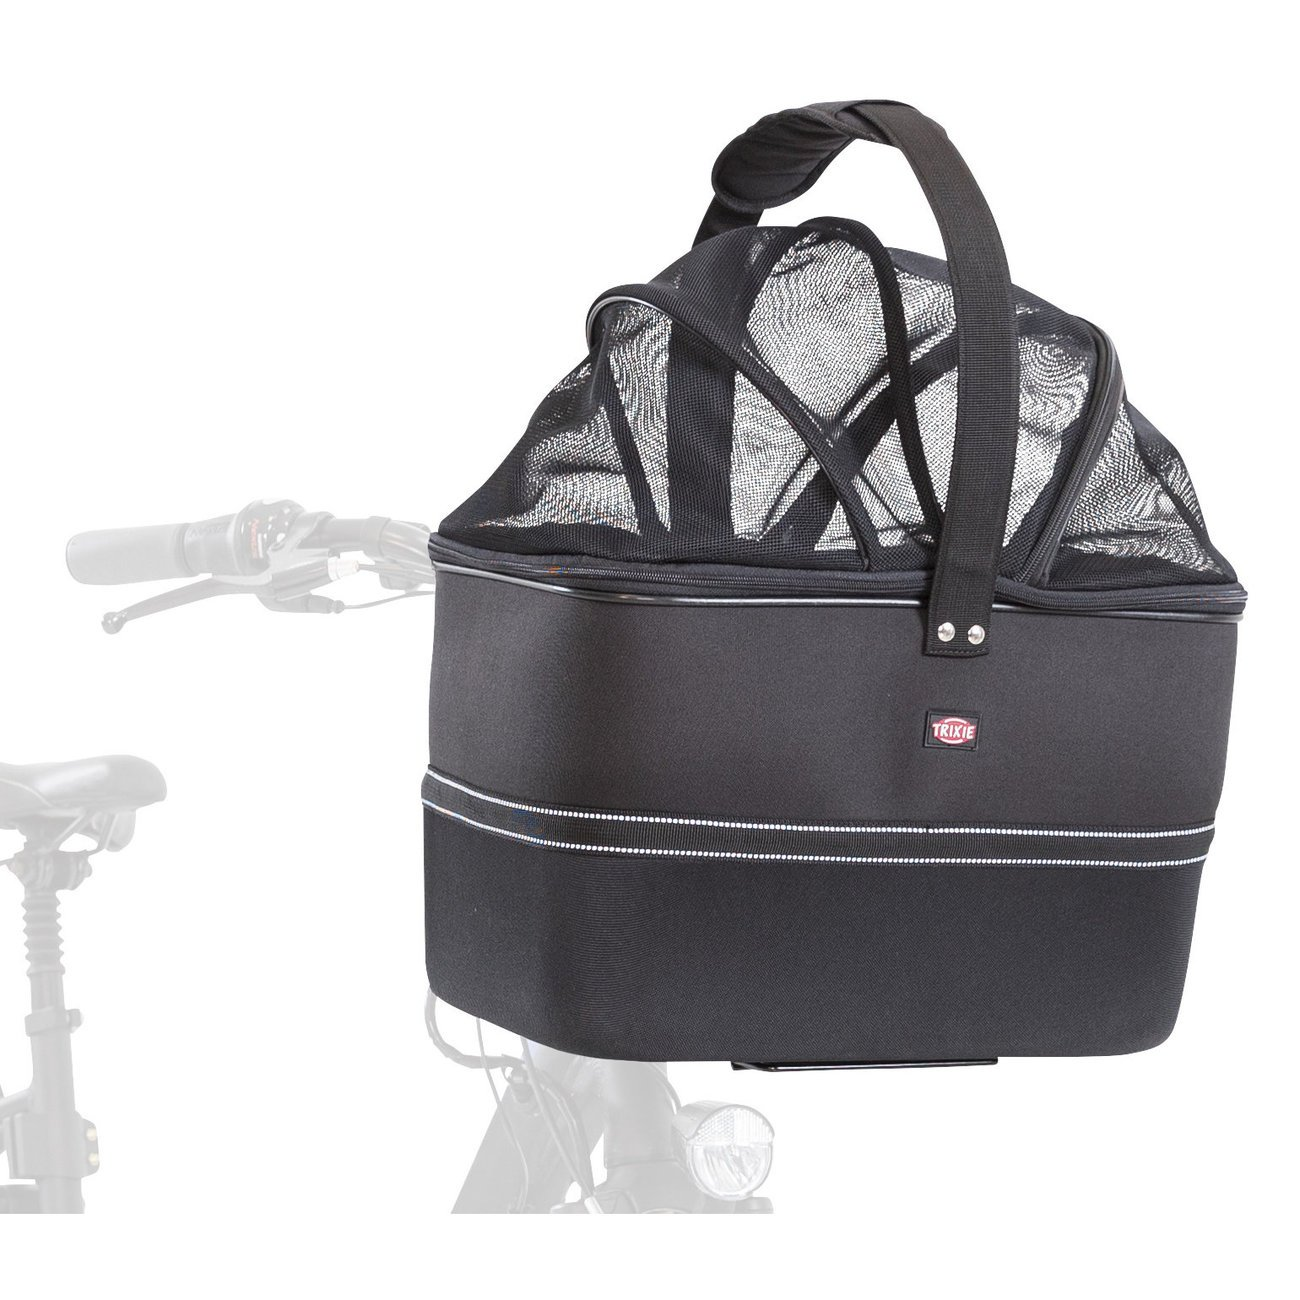 Trixie Lenker Front-Fahrradkorb für Hunde, 41 x 47 x 29 cm, schwarz